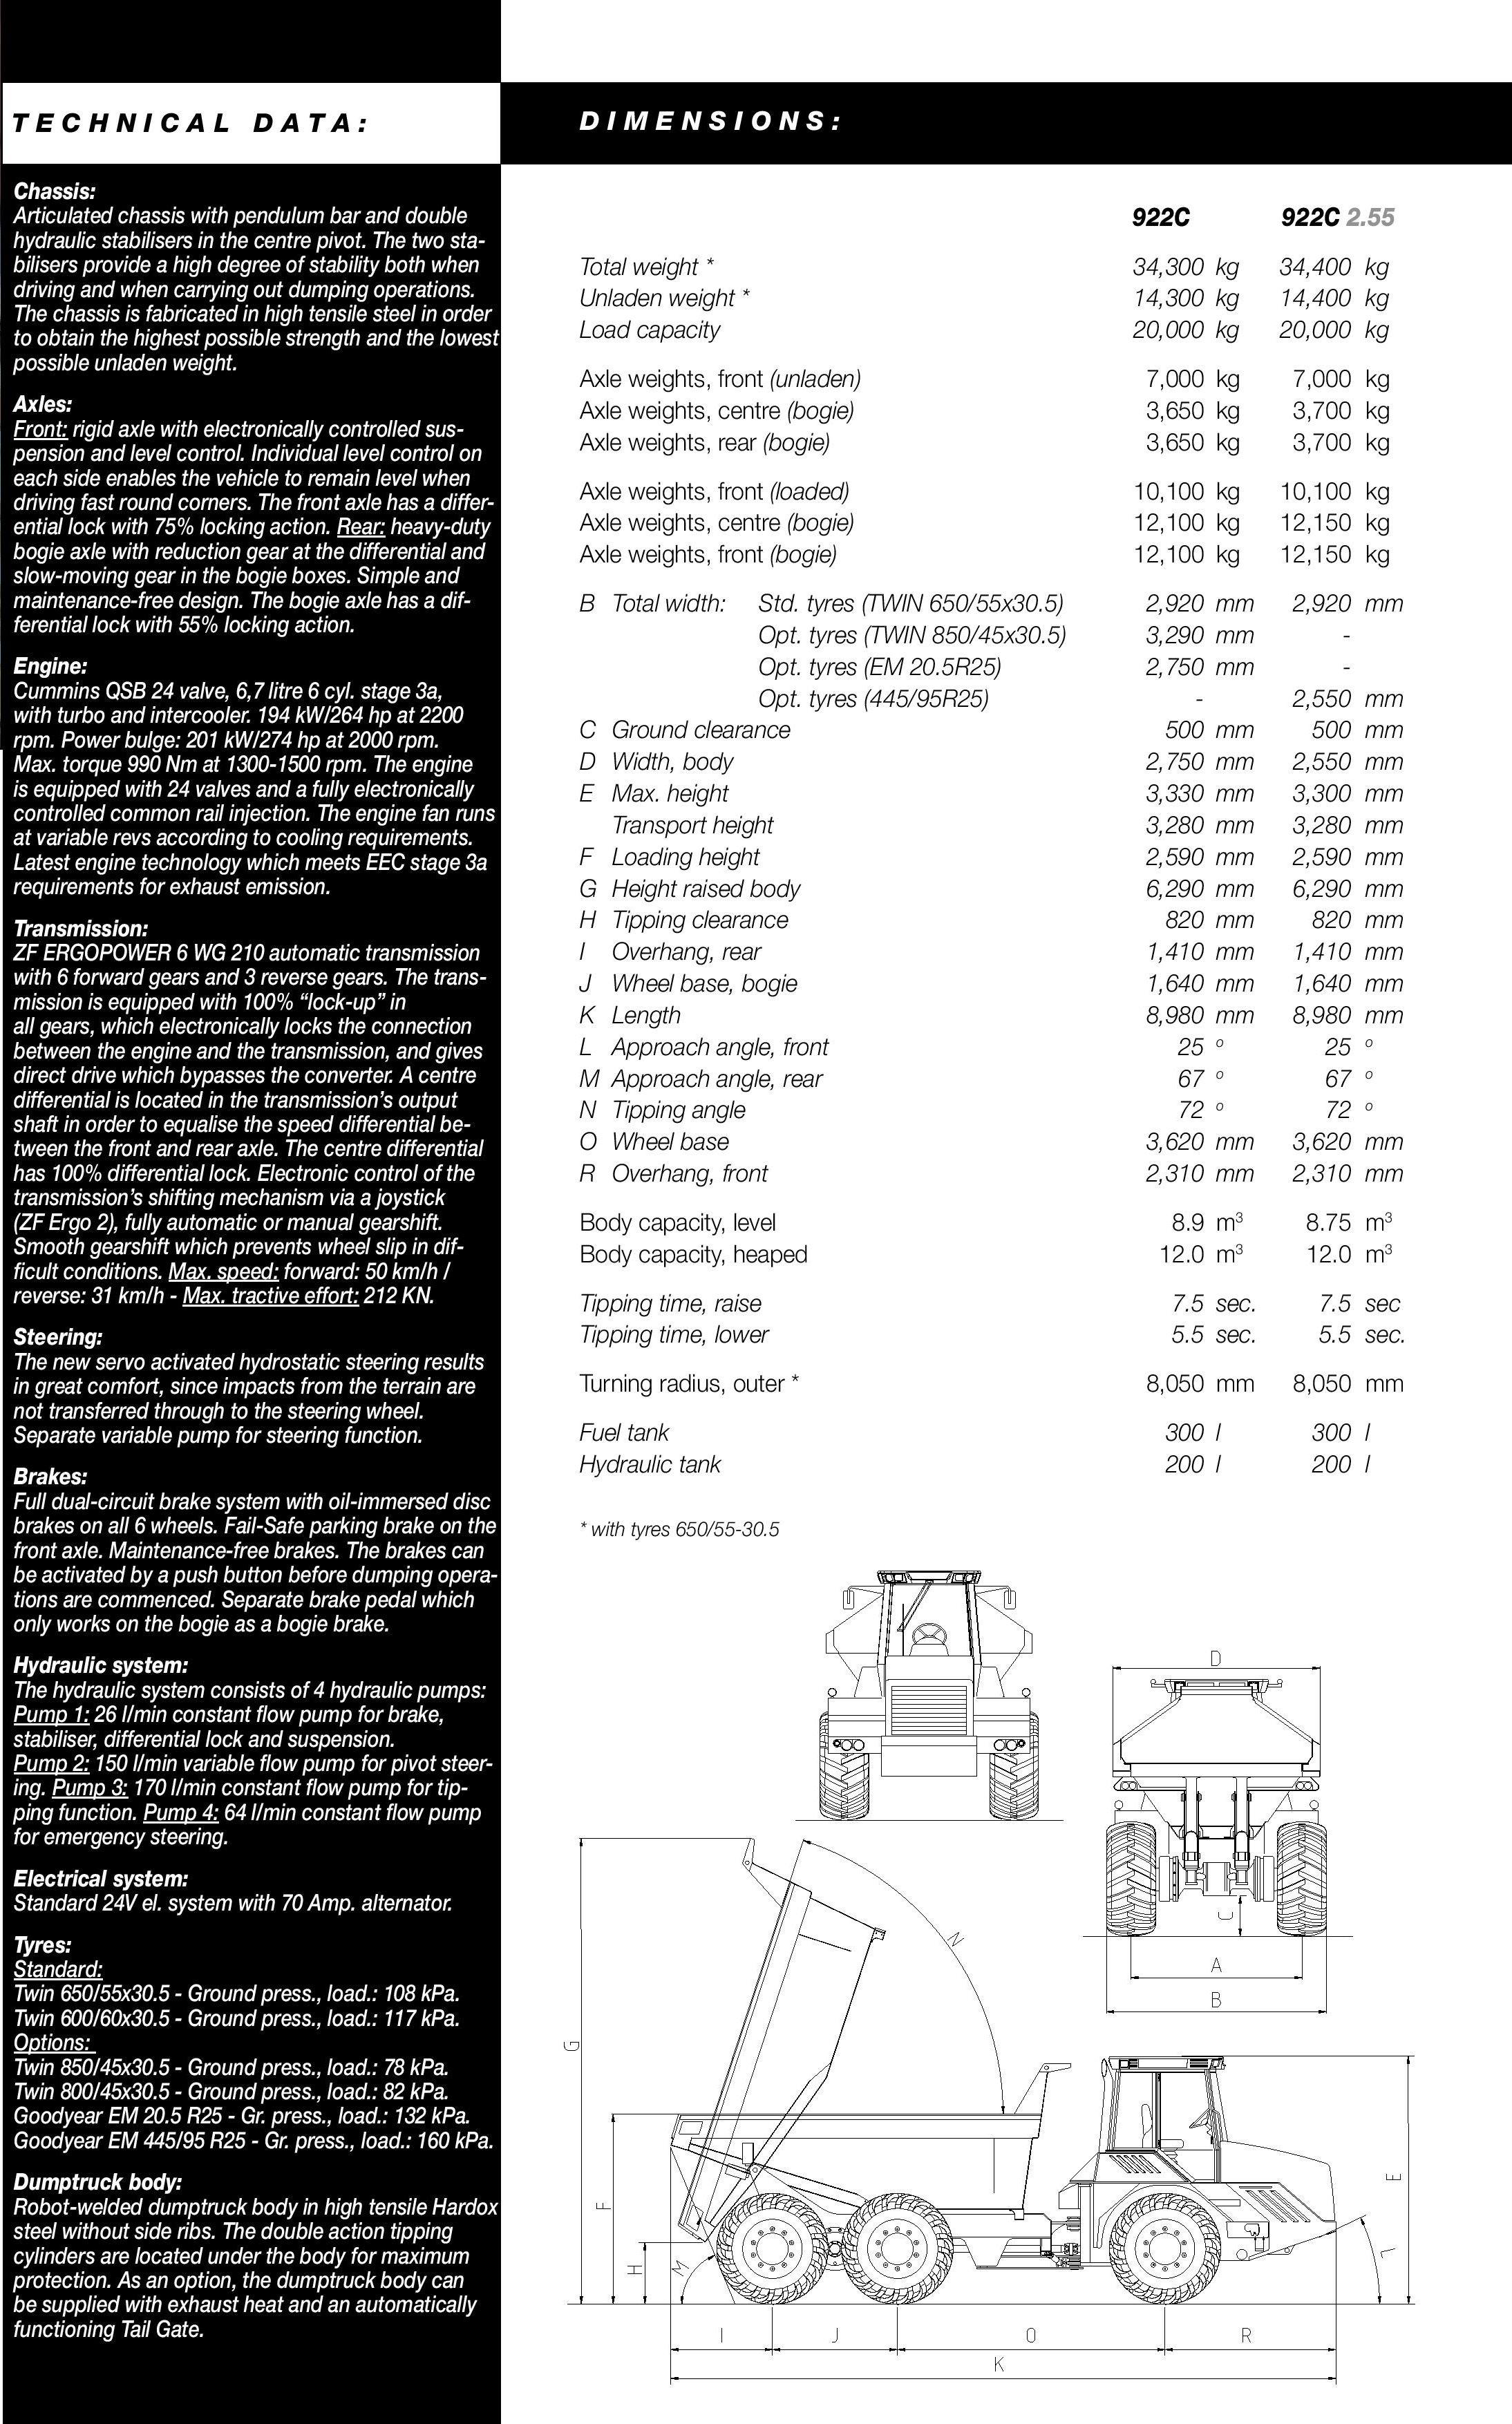 Hydrema Articulated Dump Truck Supplier Worldwide